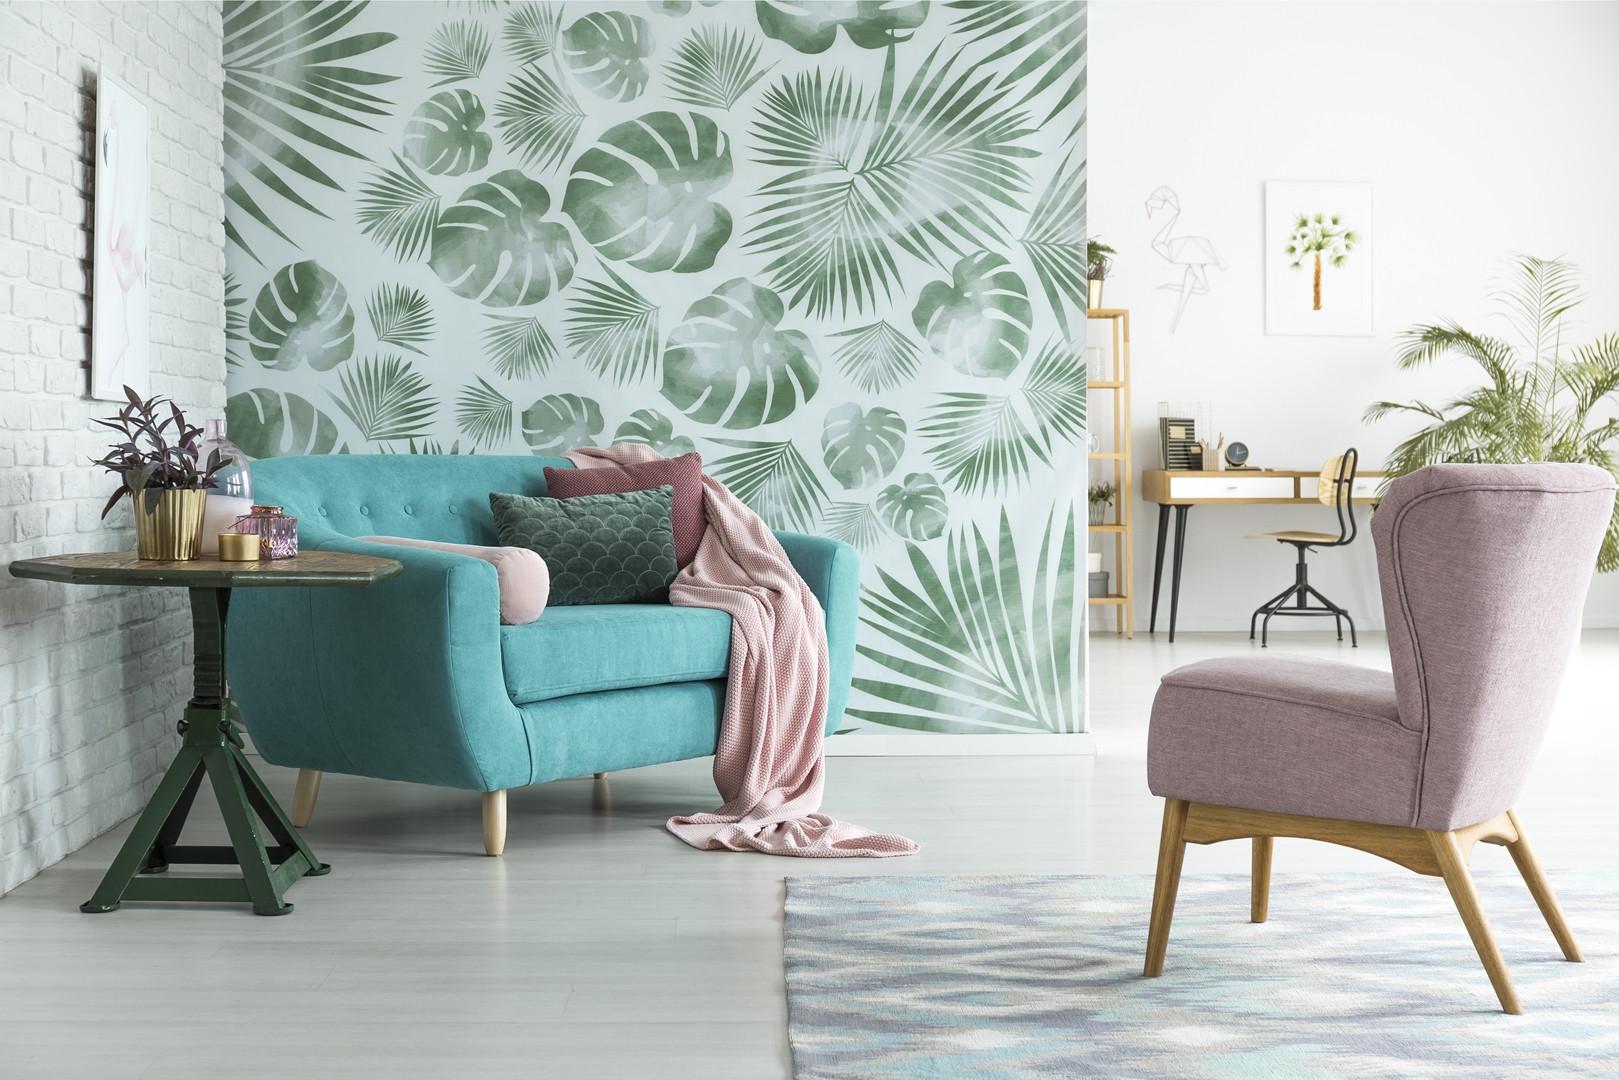 Pastelovy interier.jpg